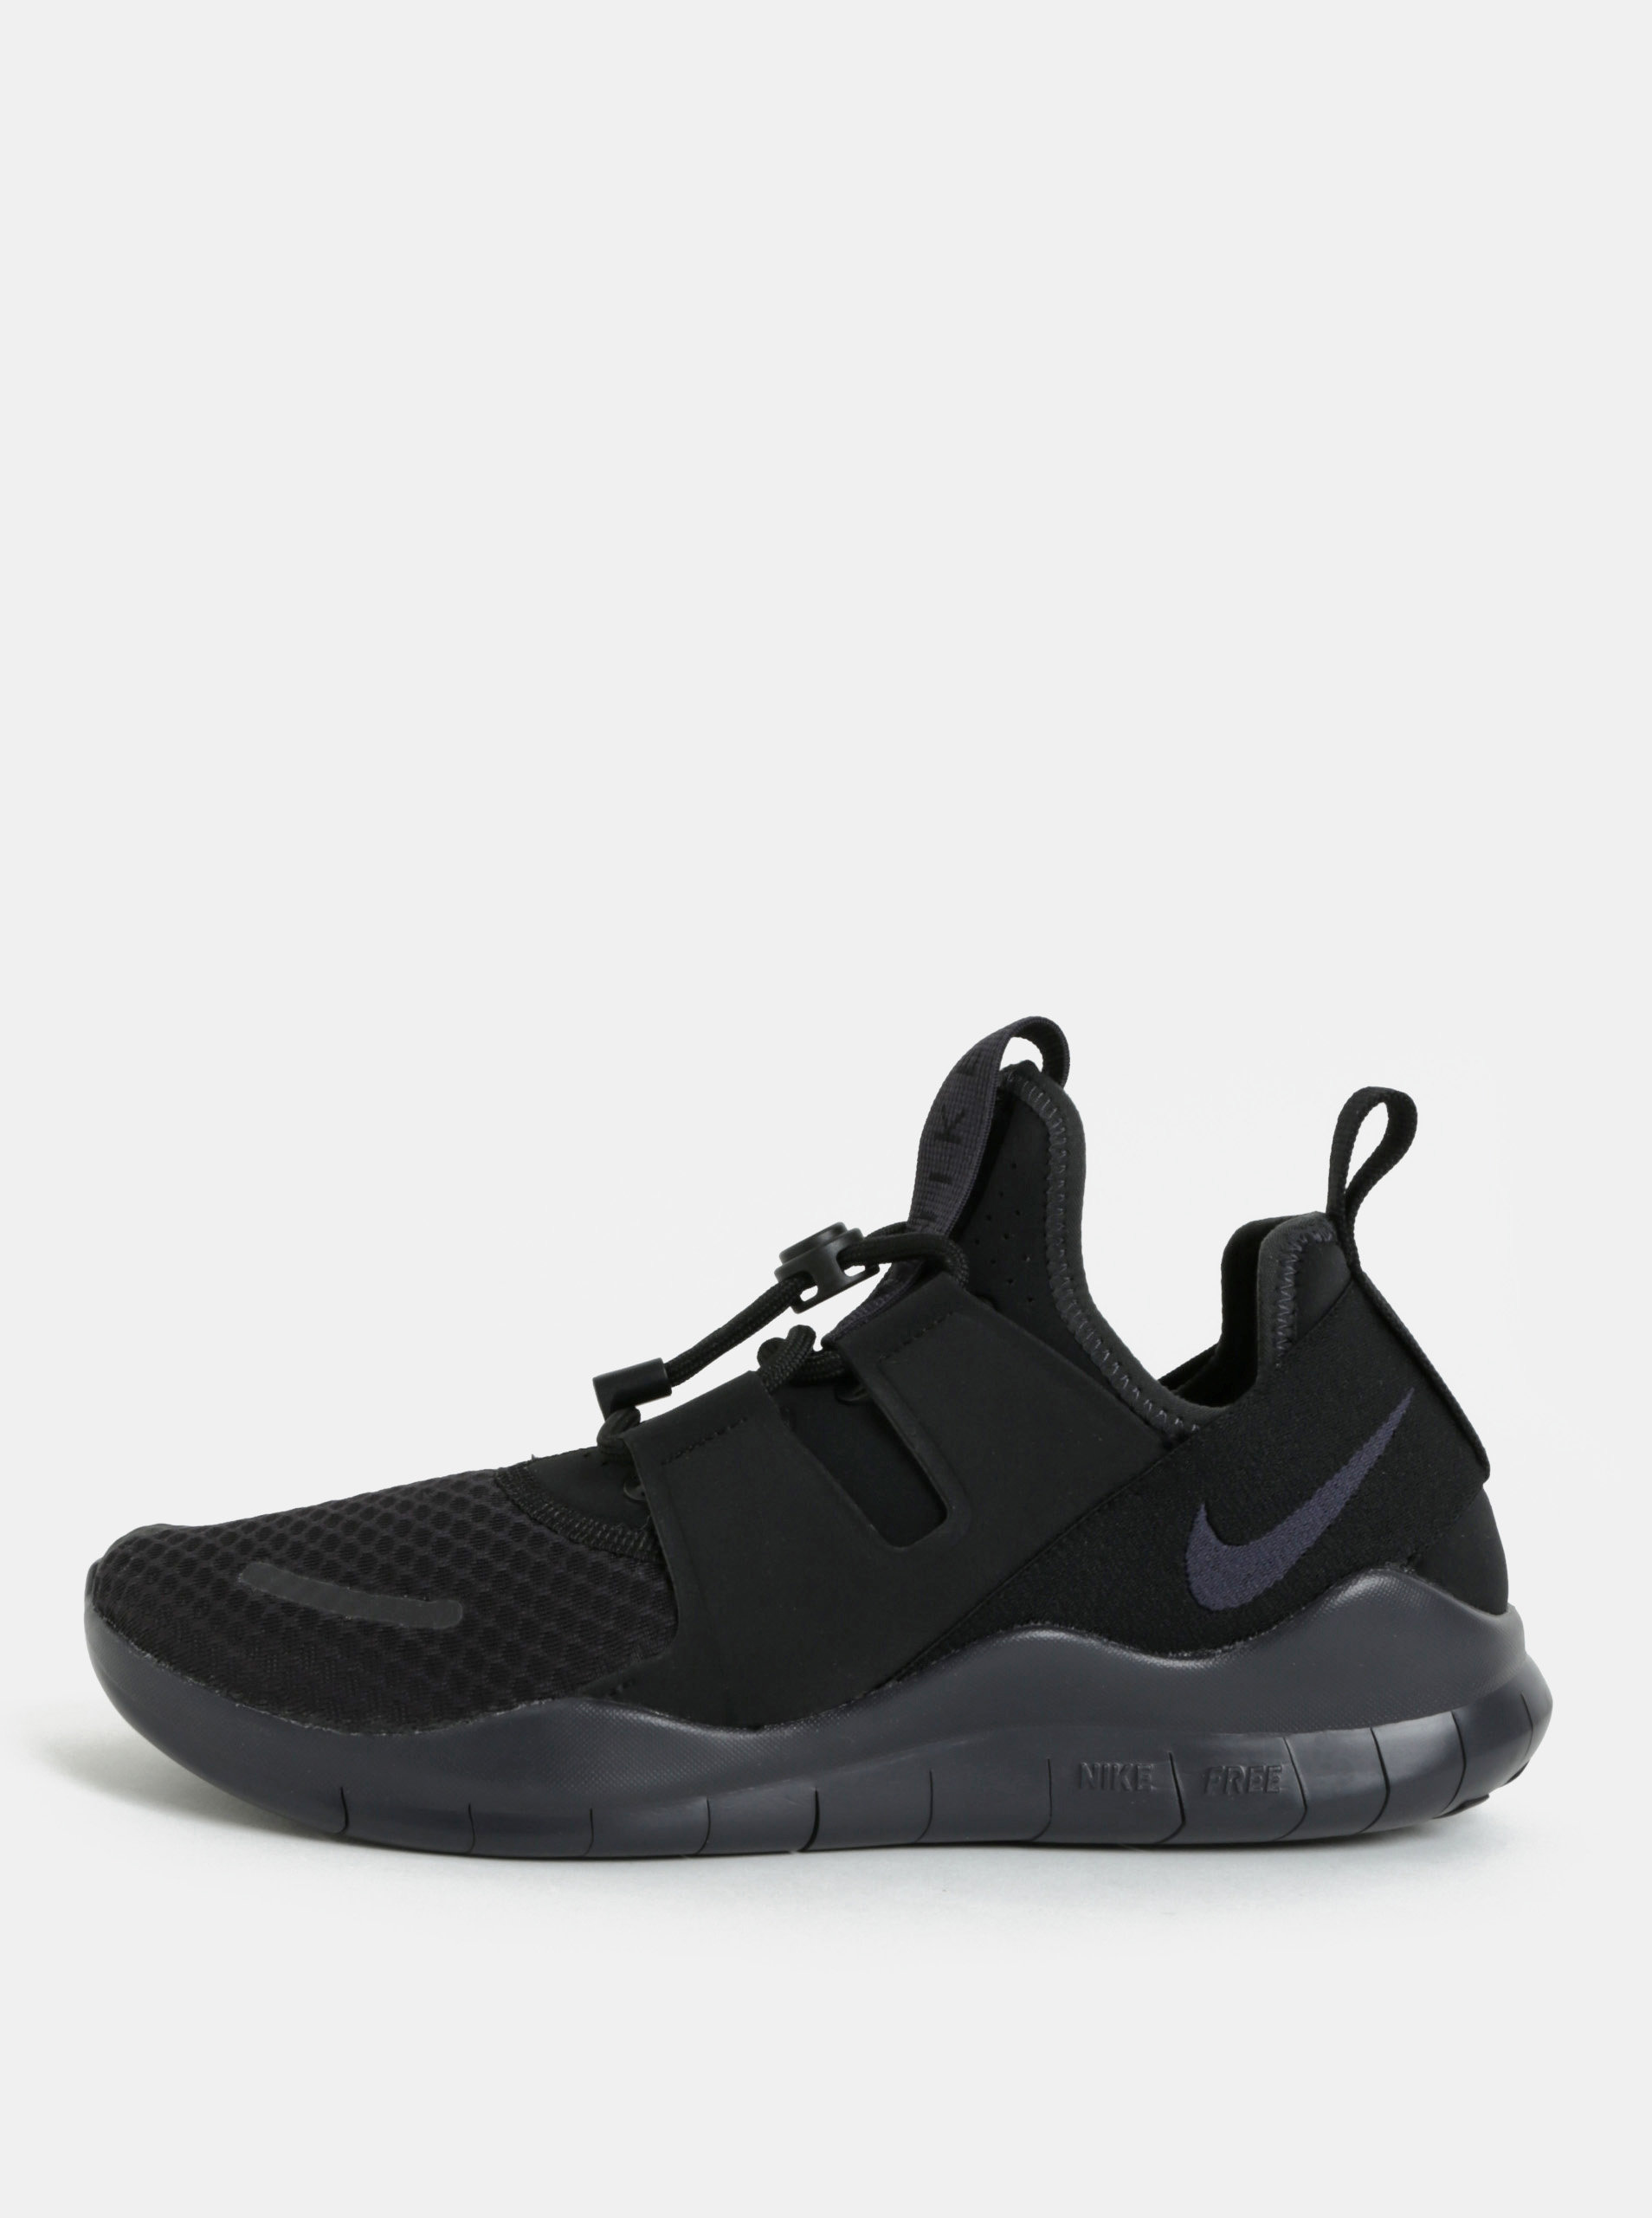 Černé pánské tenisky Nike Free RN CMTR 2018 ... 8c67859b5d